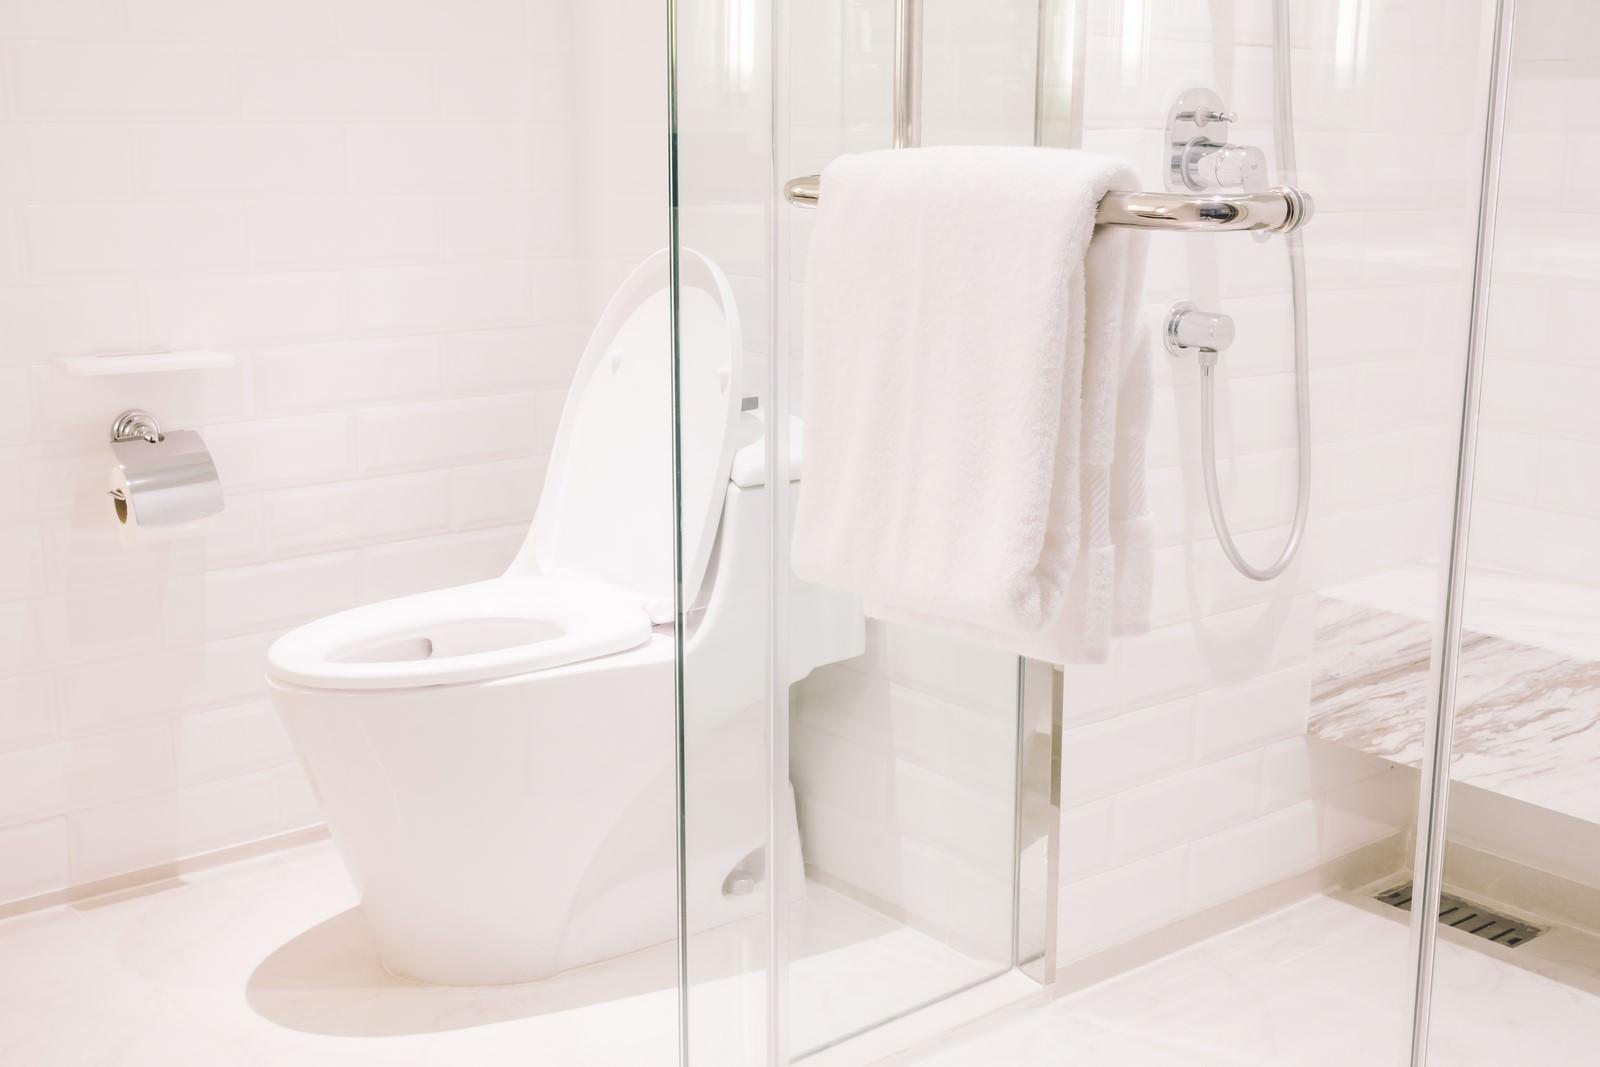 tanguy salle de bain salle d 39 eau wc. Black Bedroom Furniture Sets. Home Design Ideas